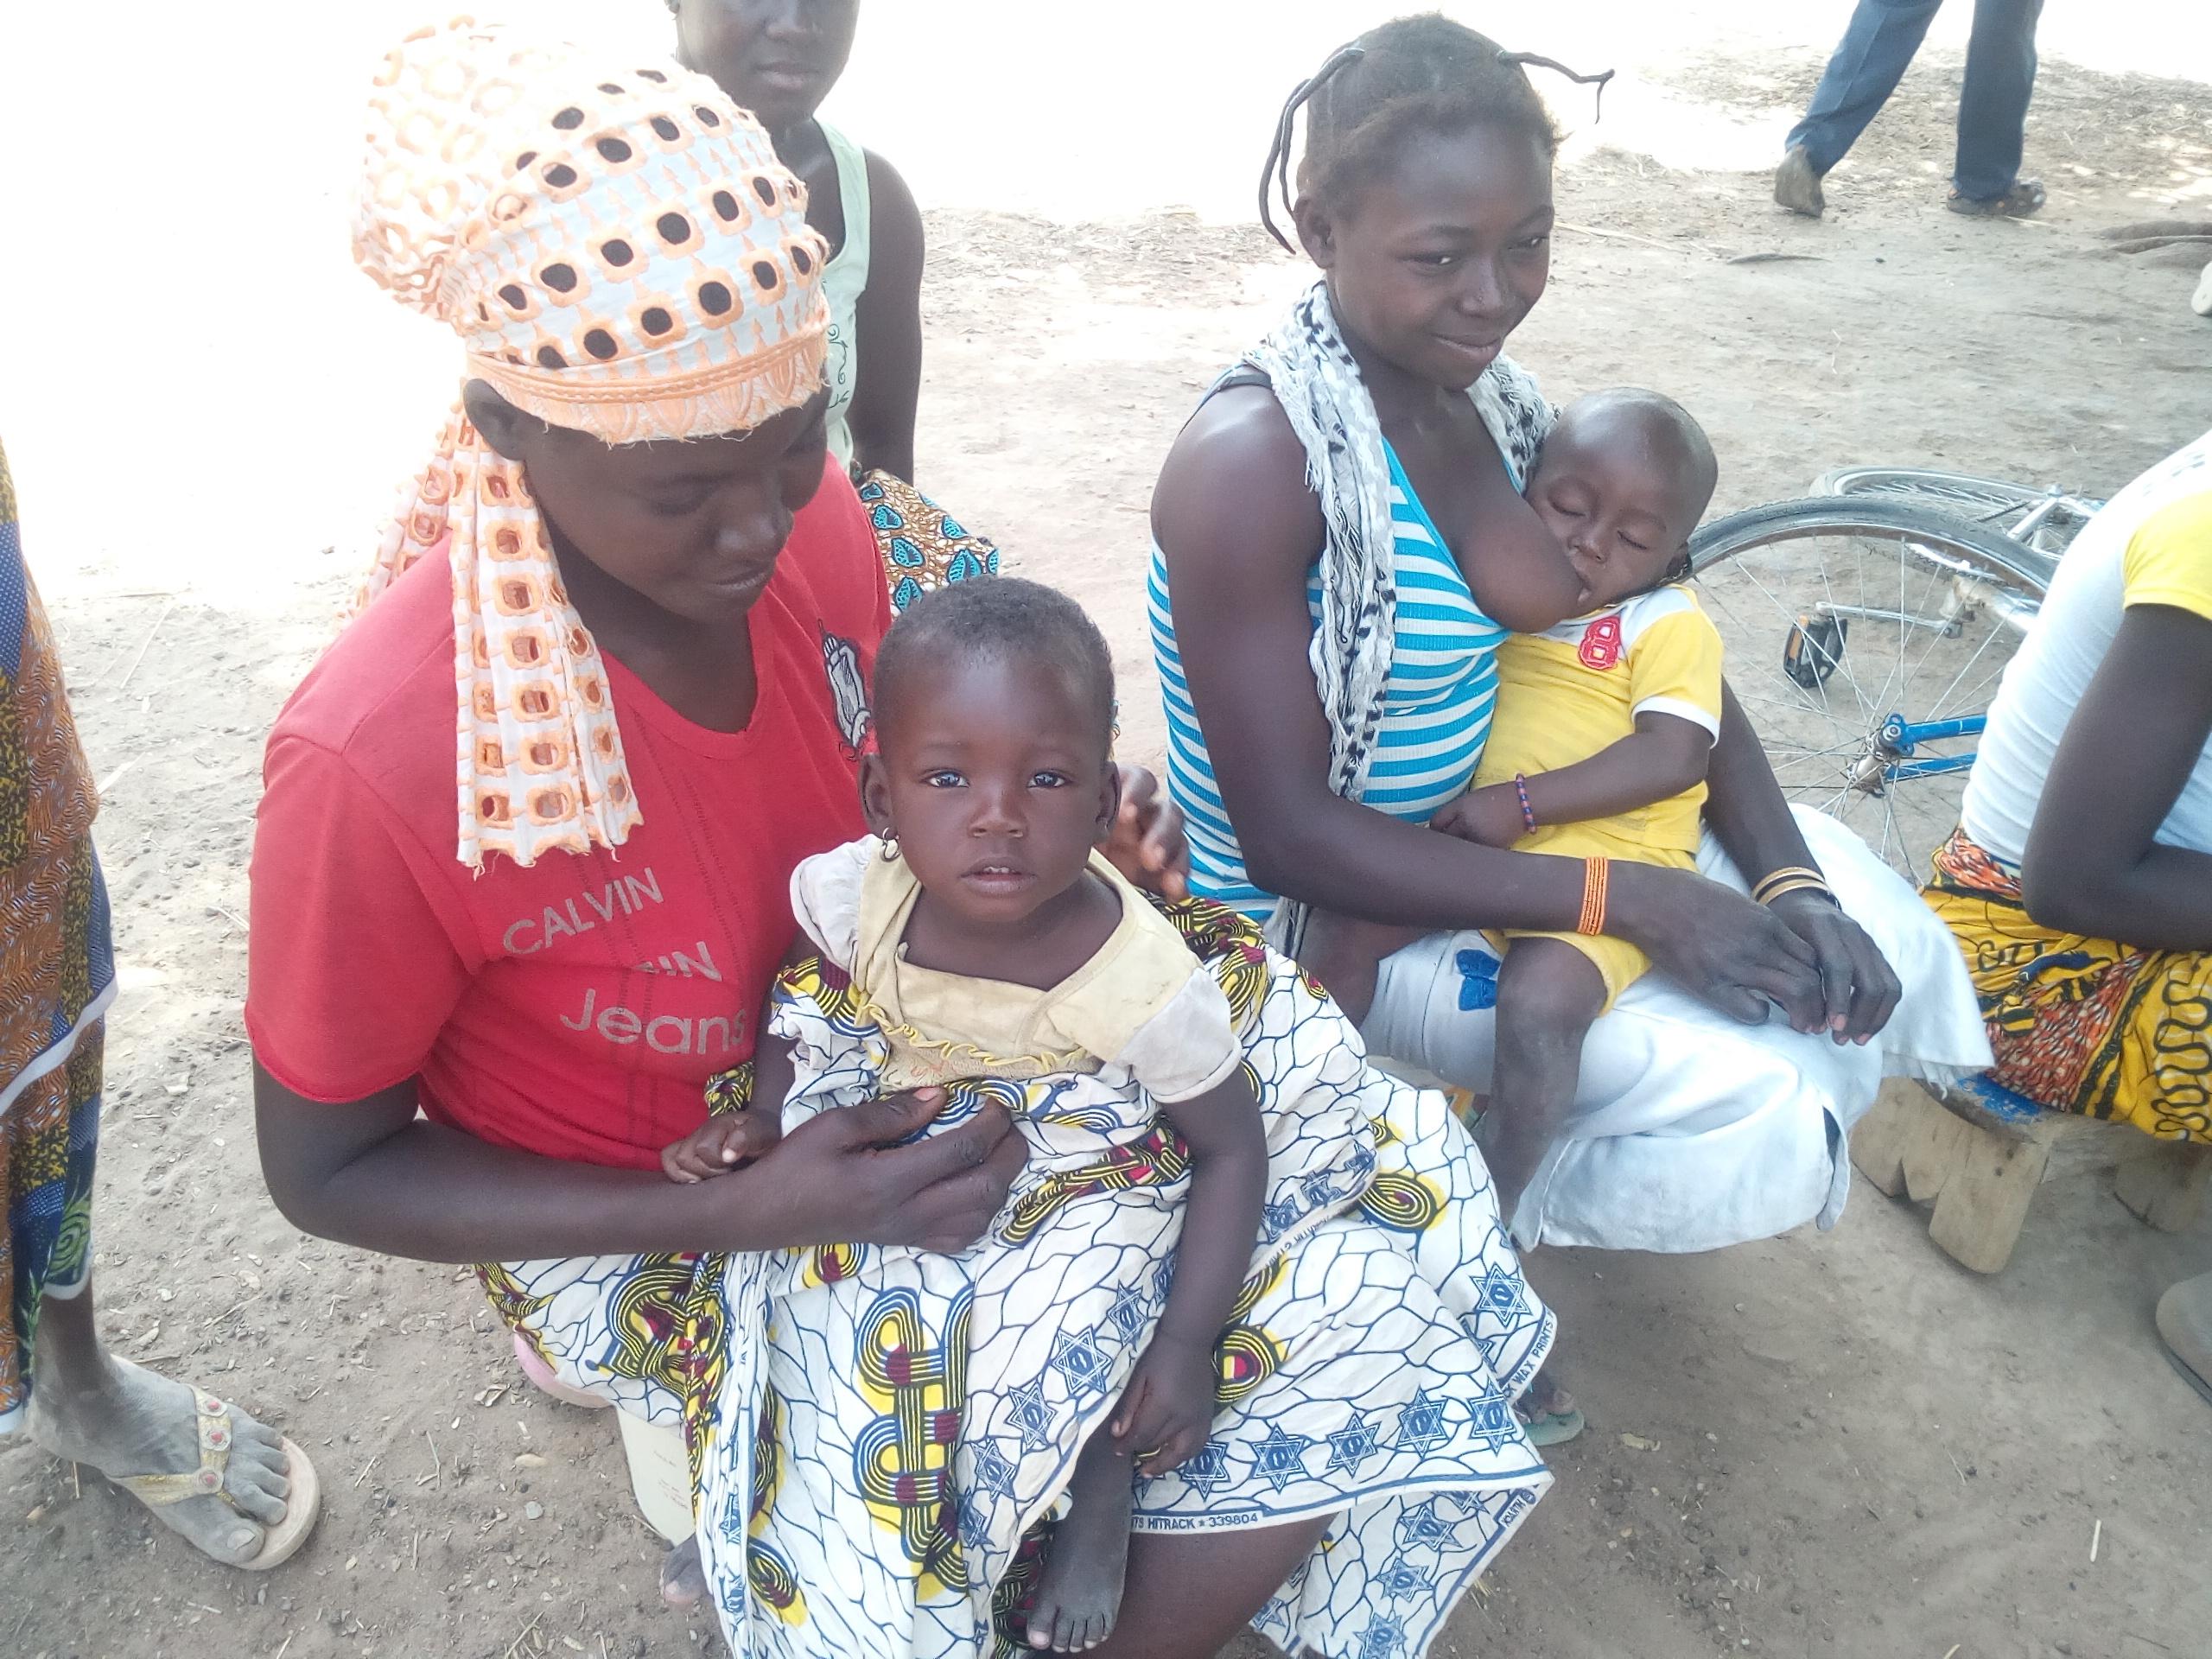 Donne in Burkina Faso